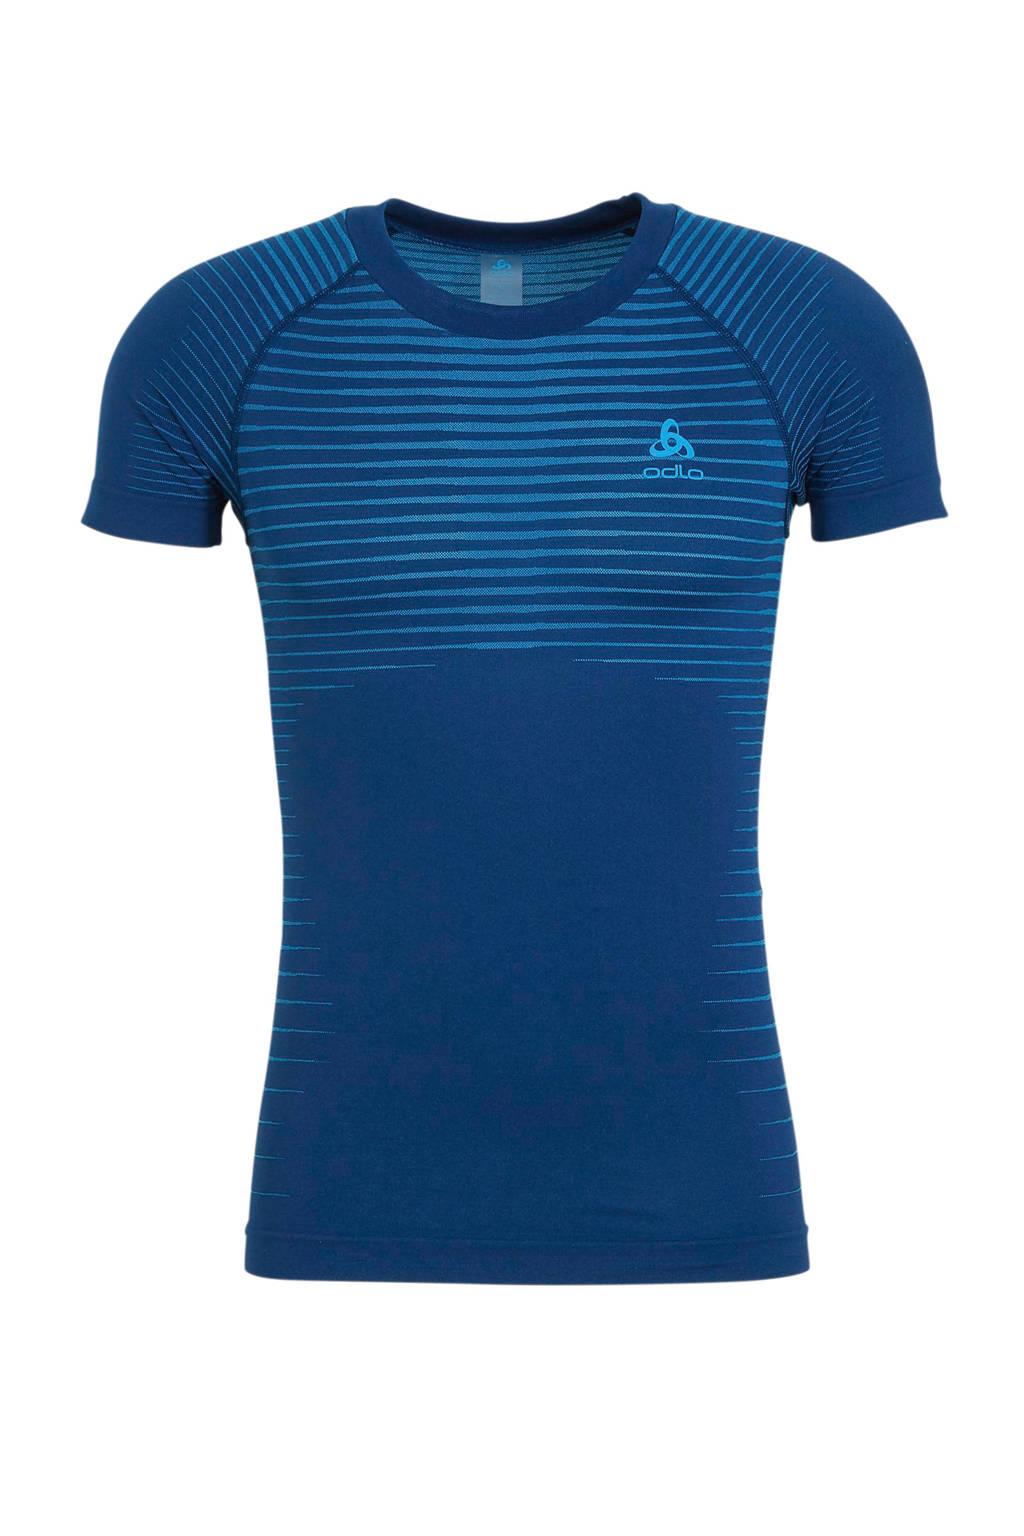 Odlo   sport ondershirt blauw, Blauw